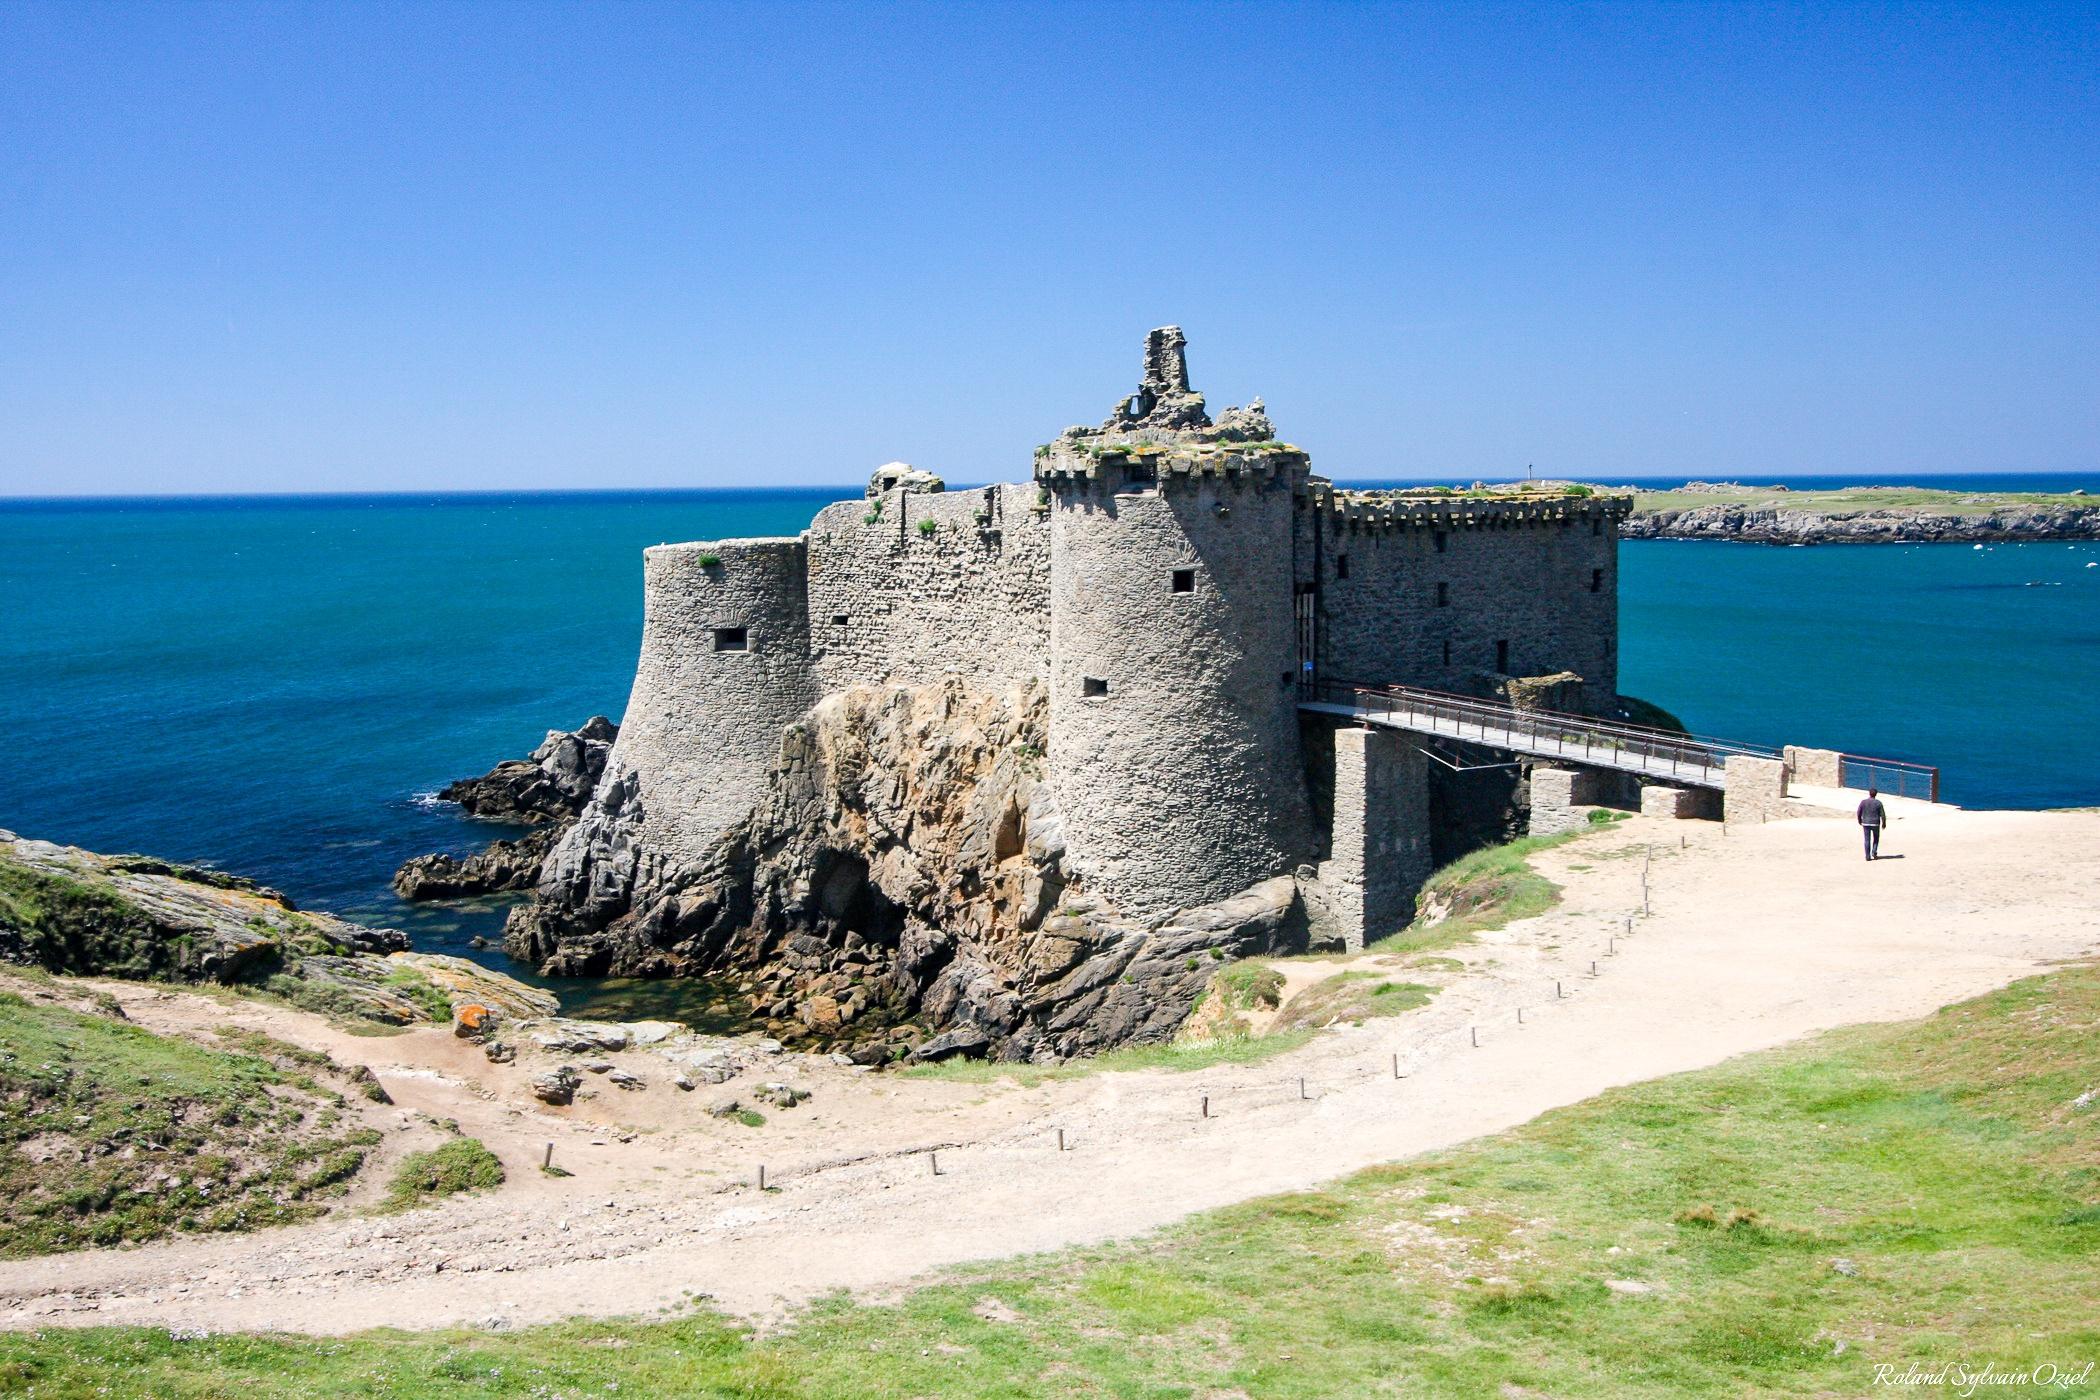 Le vieux chateau sur l'ile d'yeu monument à visiter impérativement